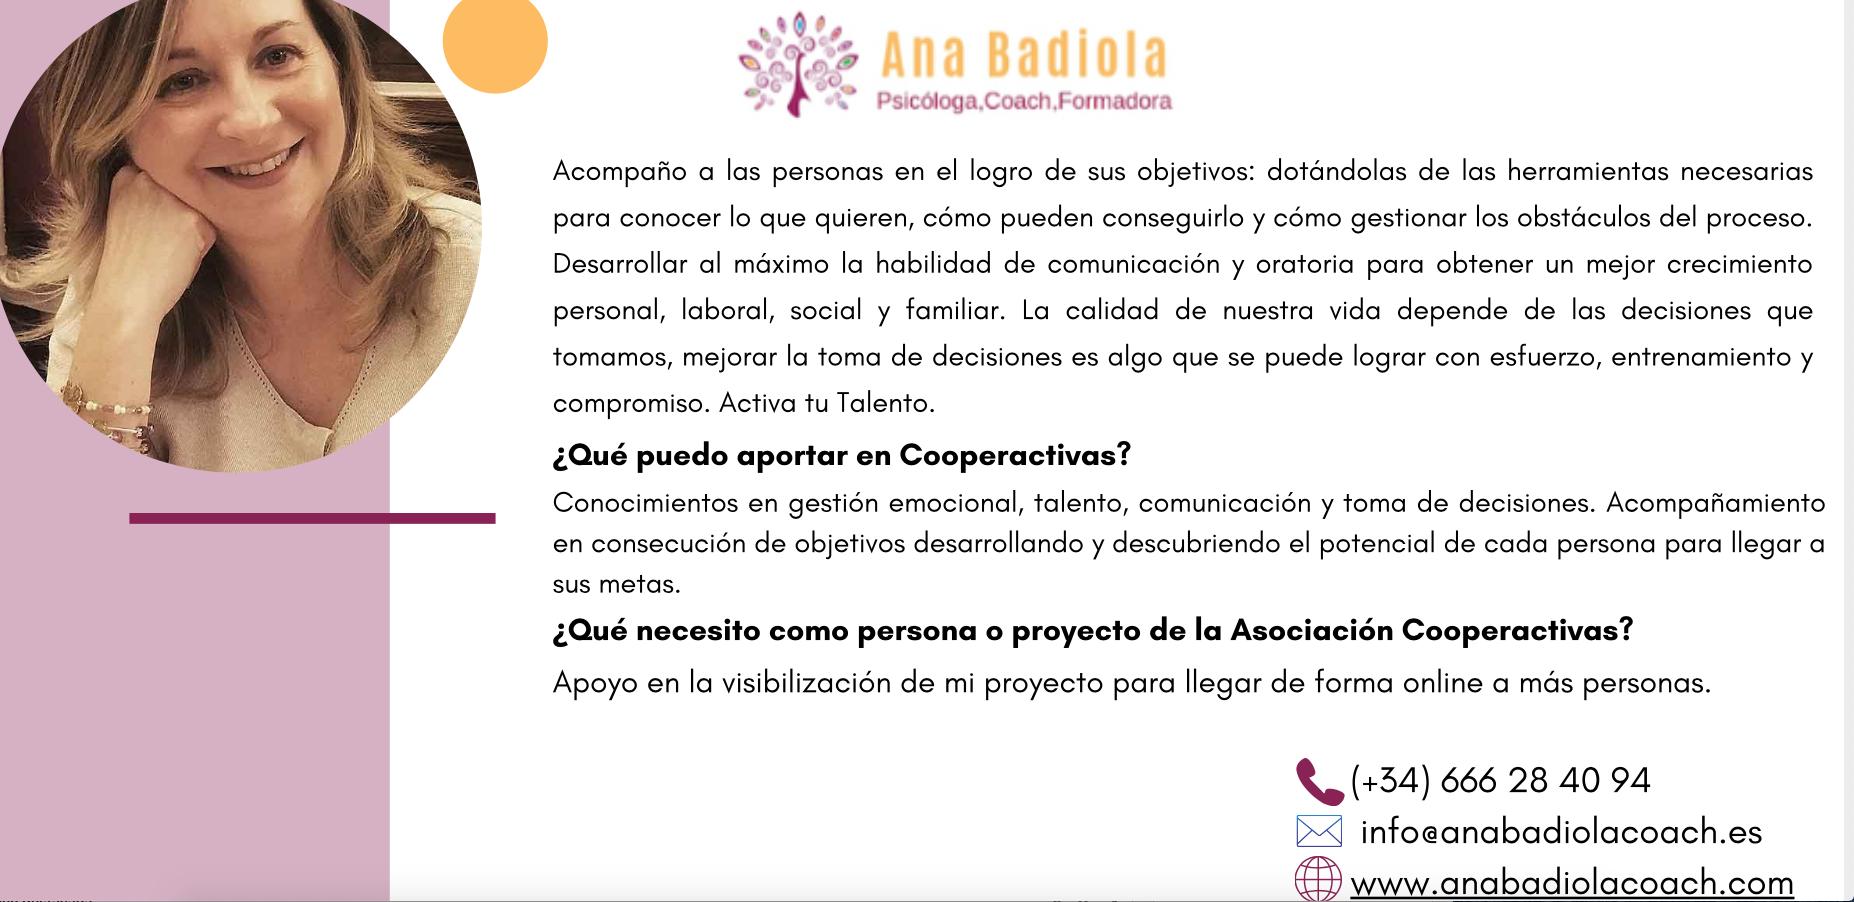 presentación del proyecto de Ana Badiola